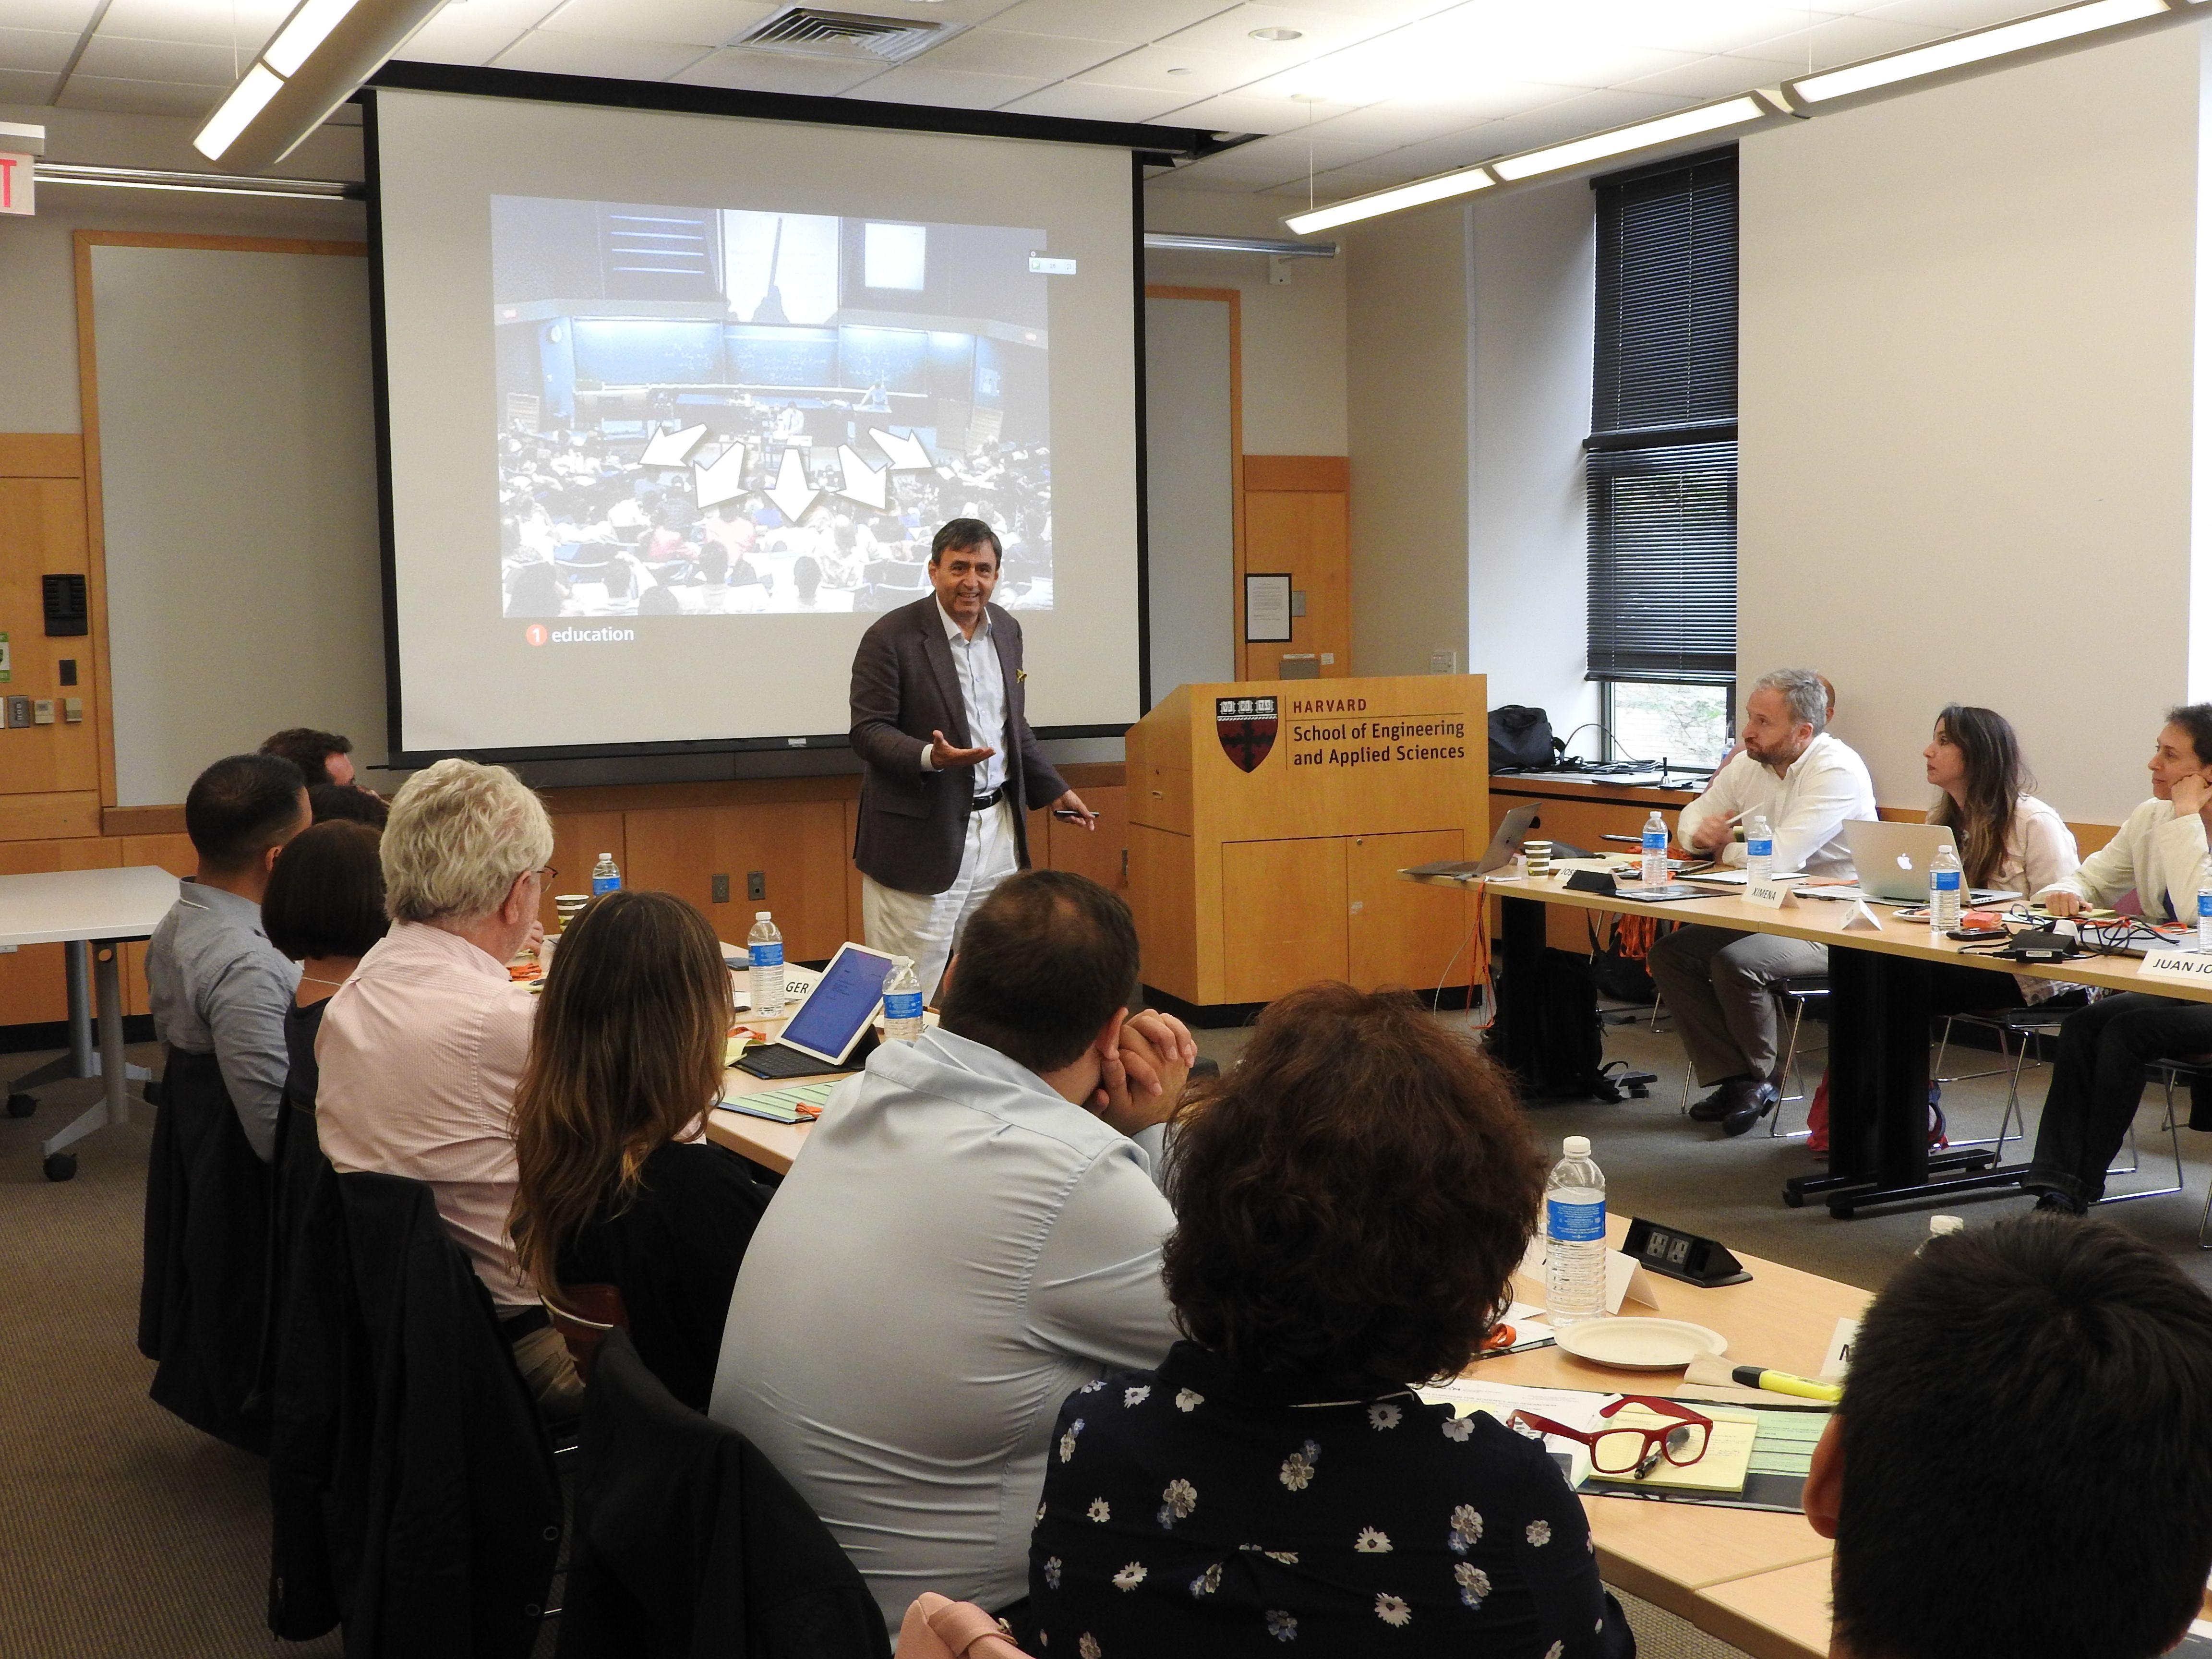 Los nuevos modelos e instrumentos de enseñanza centran el simposio sobre liderazgo educativo e innovación curricular con profesores de la  Universidad de Harvard y de MIT